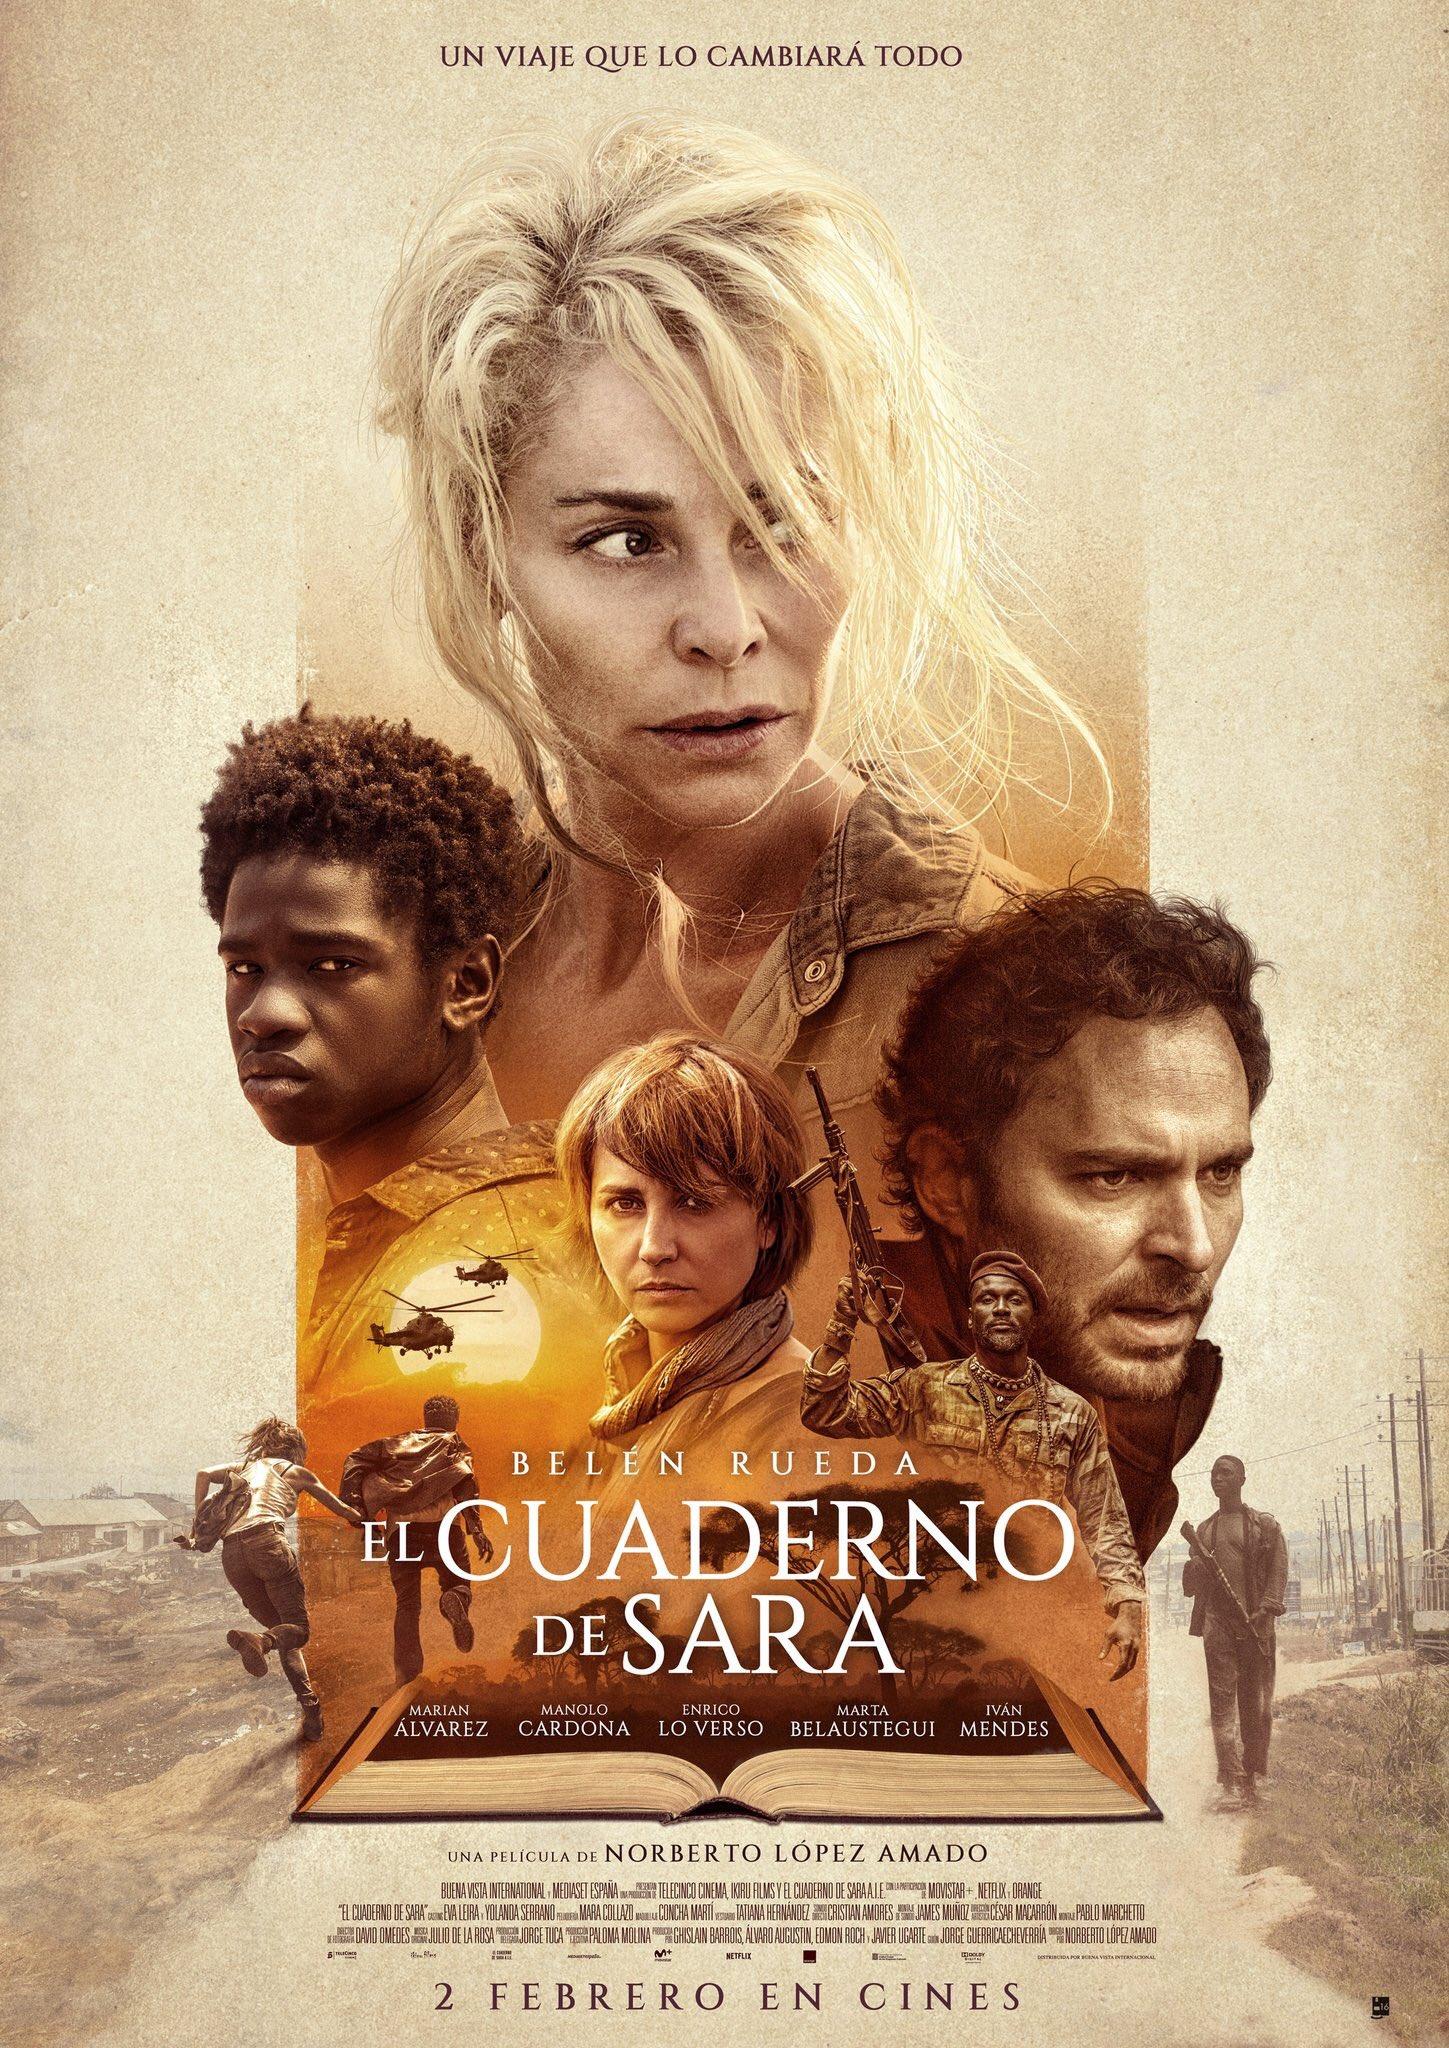 'El cuaderno de Sara': Tráiler y póster de lo nuevo de Belén Rueda